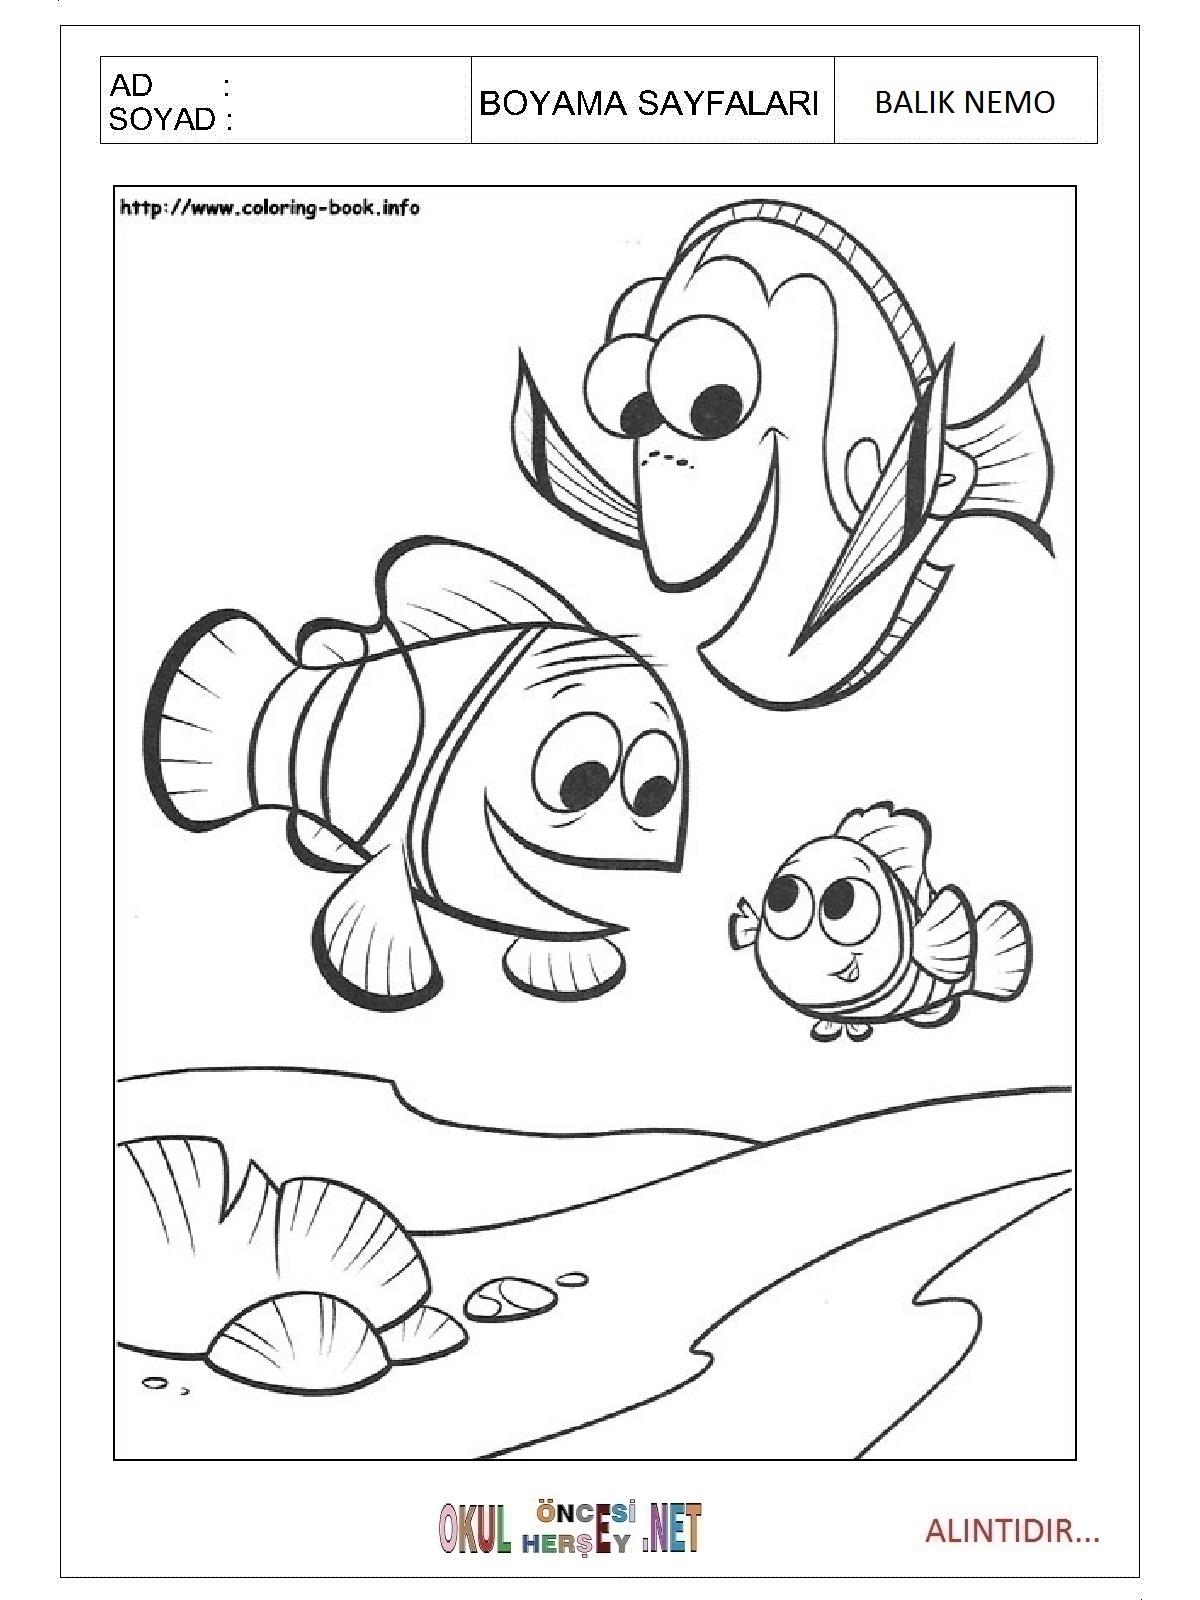 Balik Nemo Boyama Sayfalari